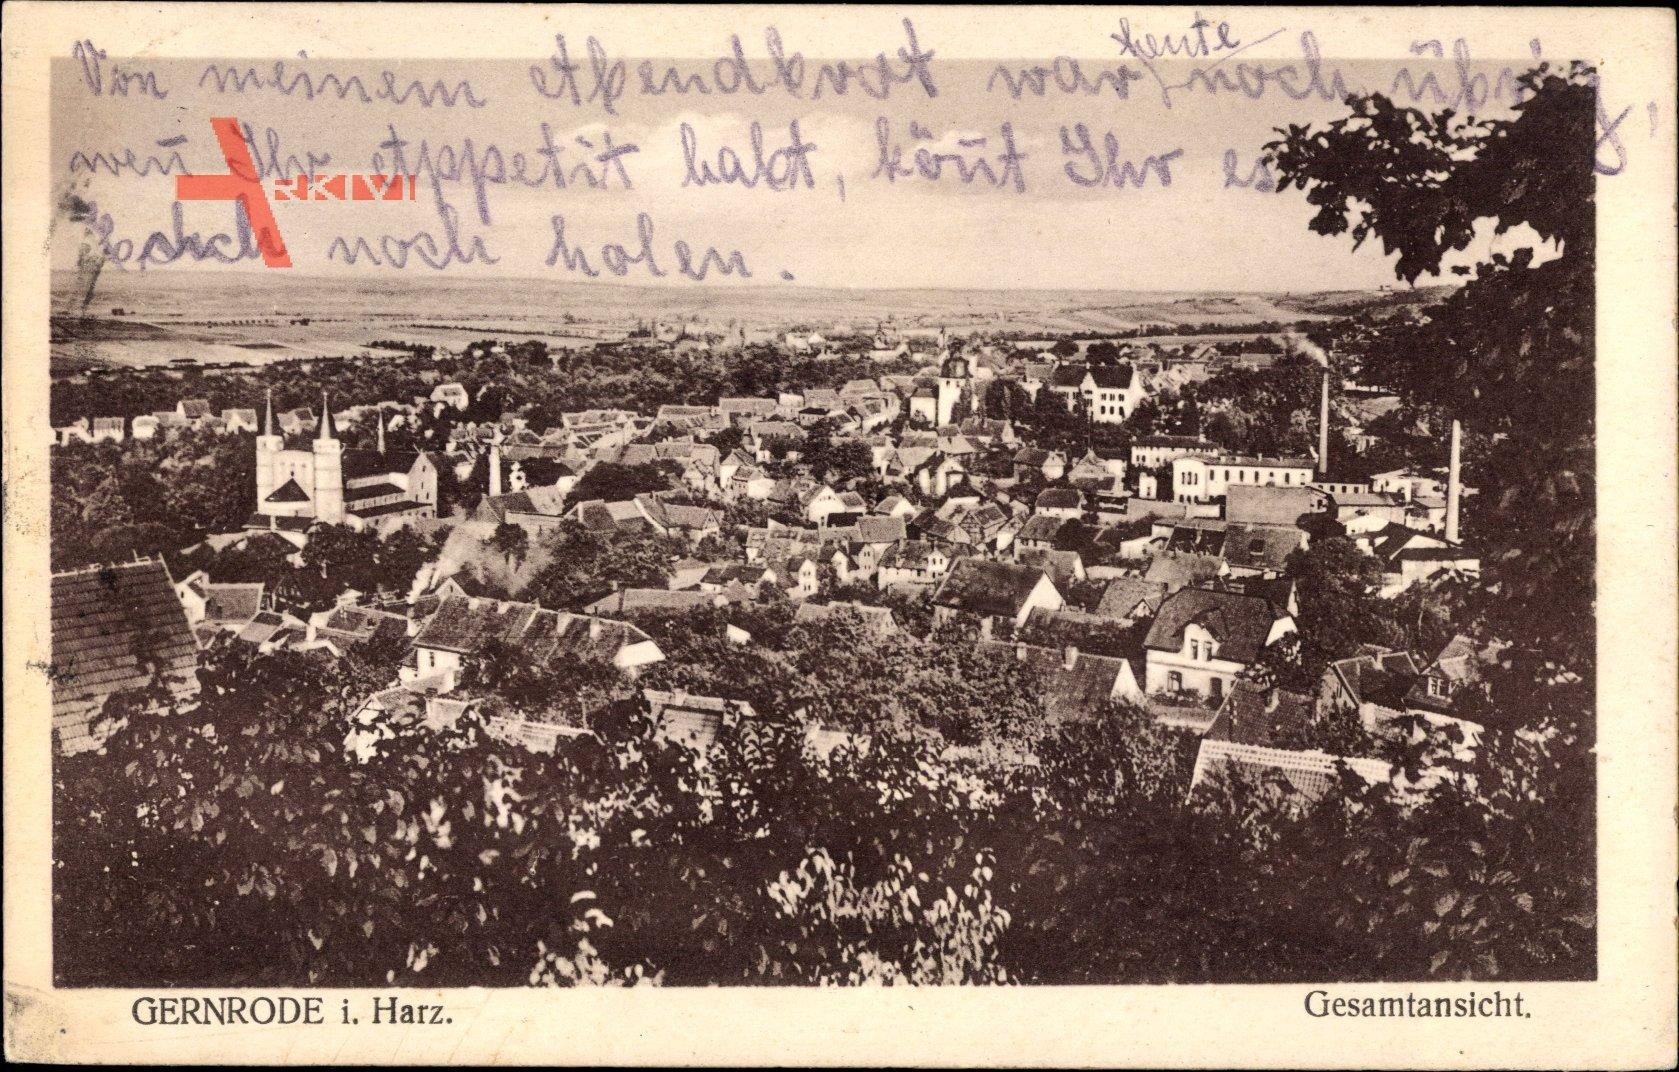 Gernrode im Harz, Gesamtansicht der Ortschaft, Kirche, Felder